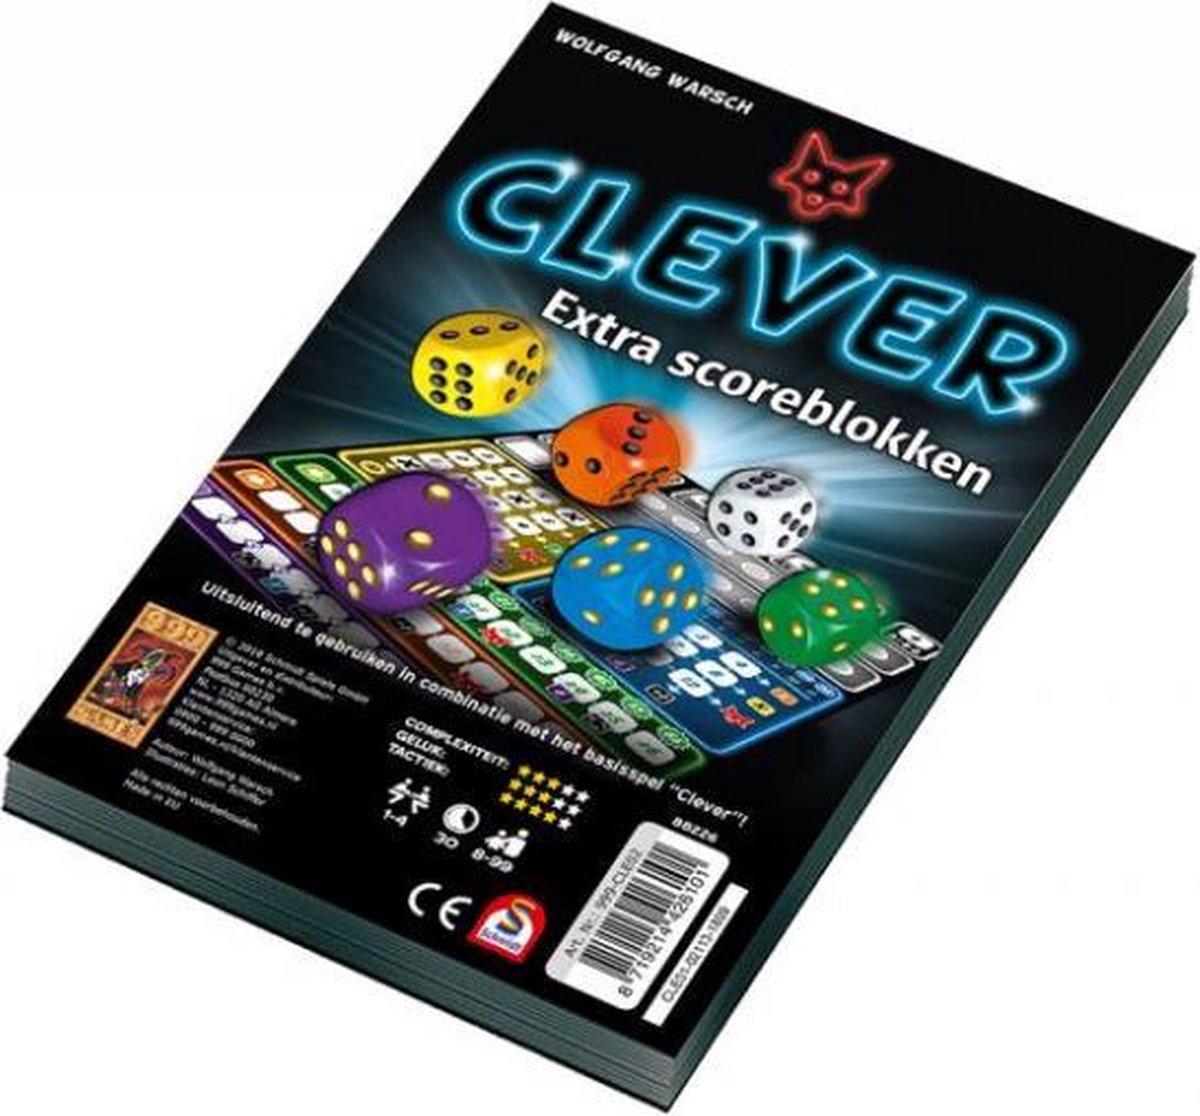 Spel - Dobbelspel - Clever - Extra scoreblokken - 2st.